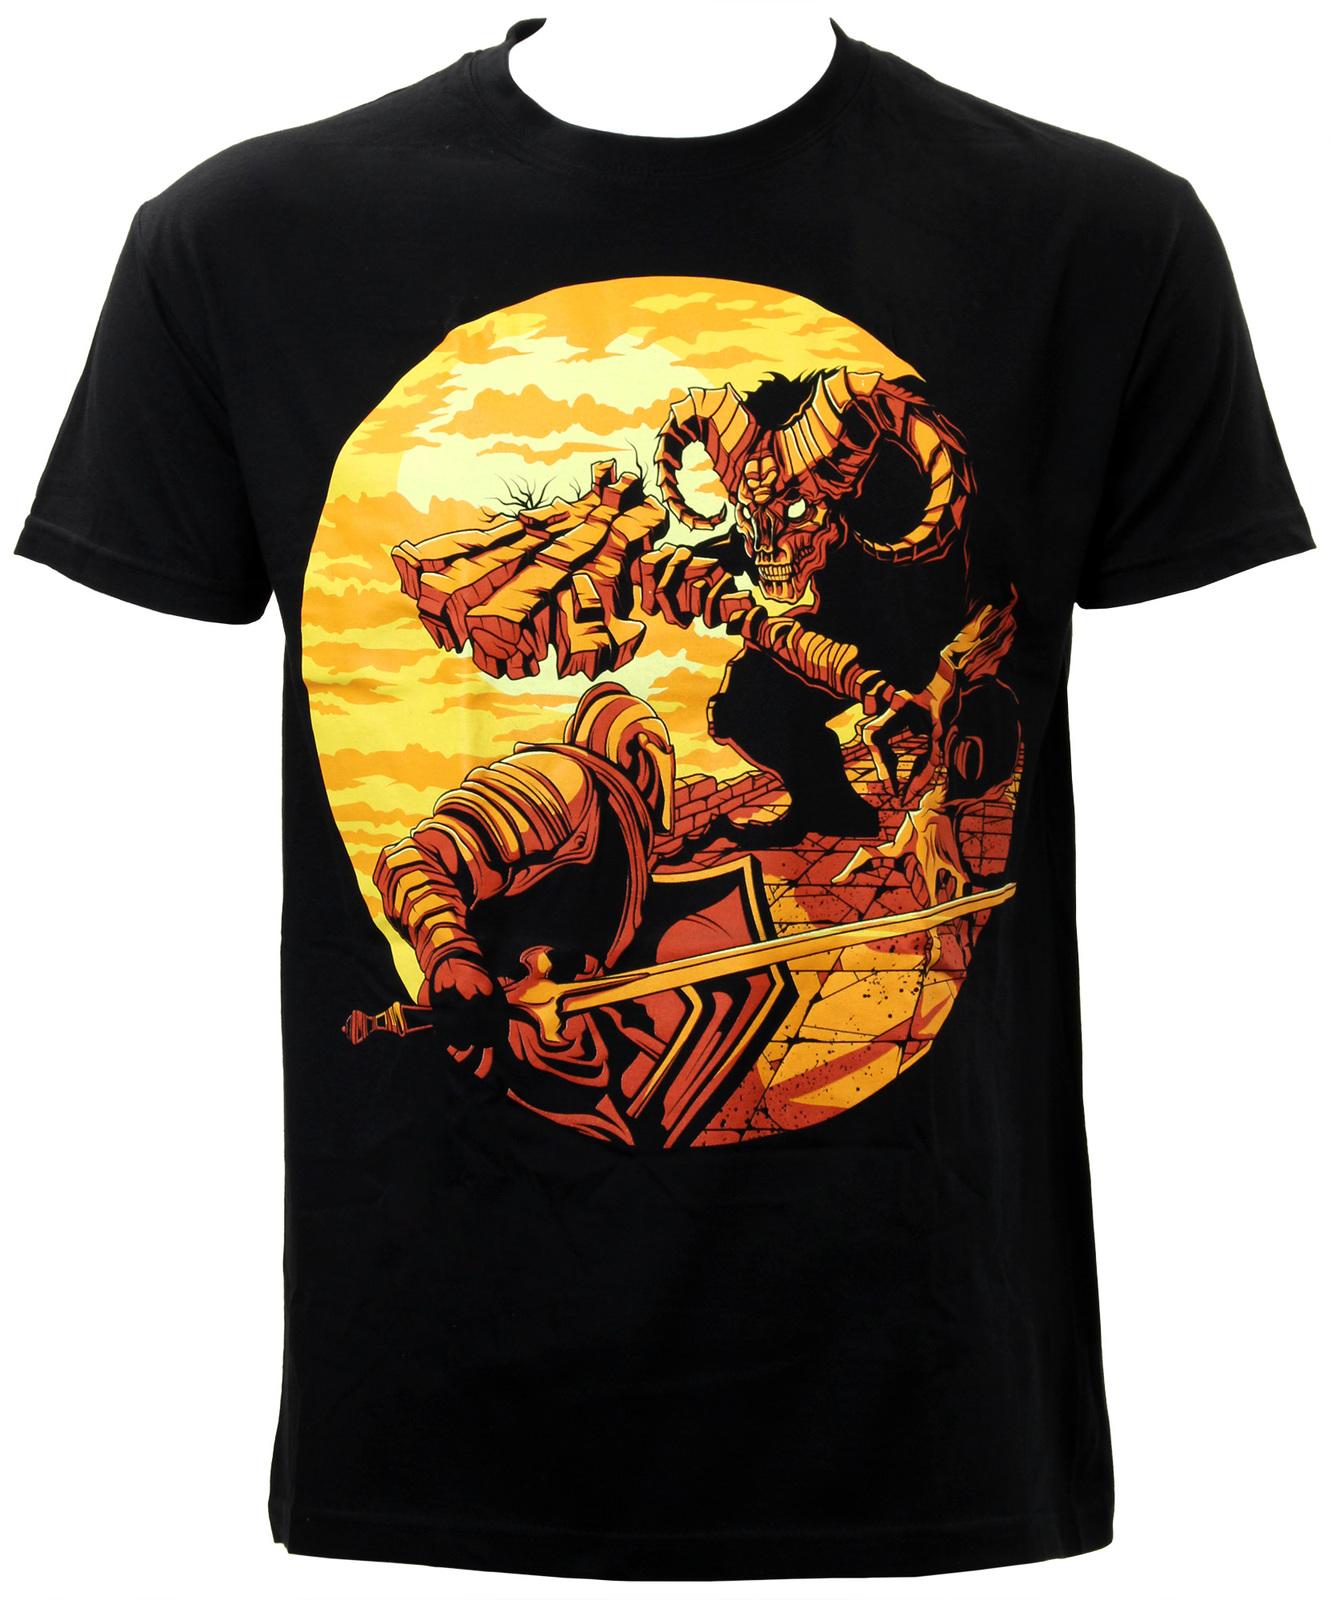 Dark Souls 3 Monster Axe T-Shirt (XX-Large) image